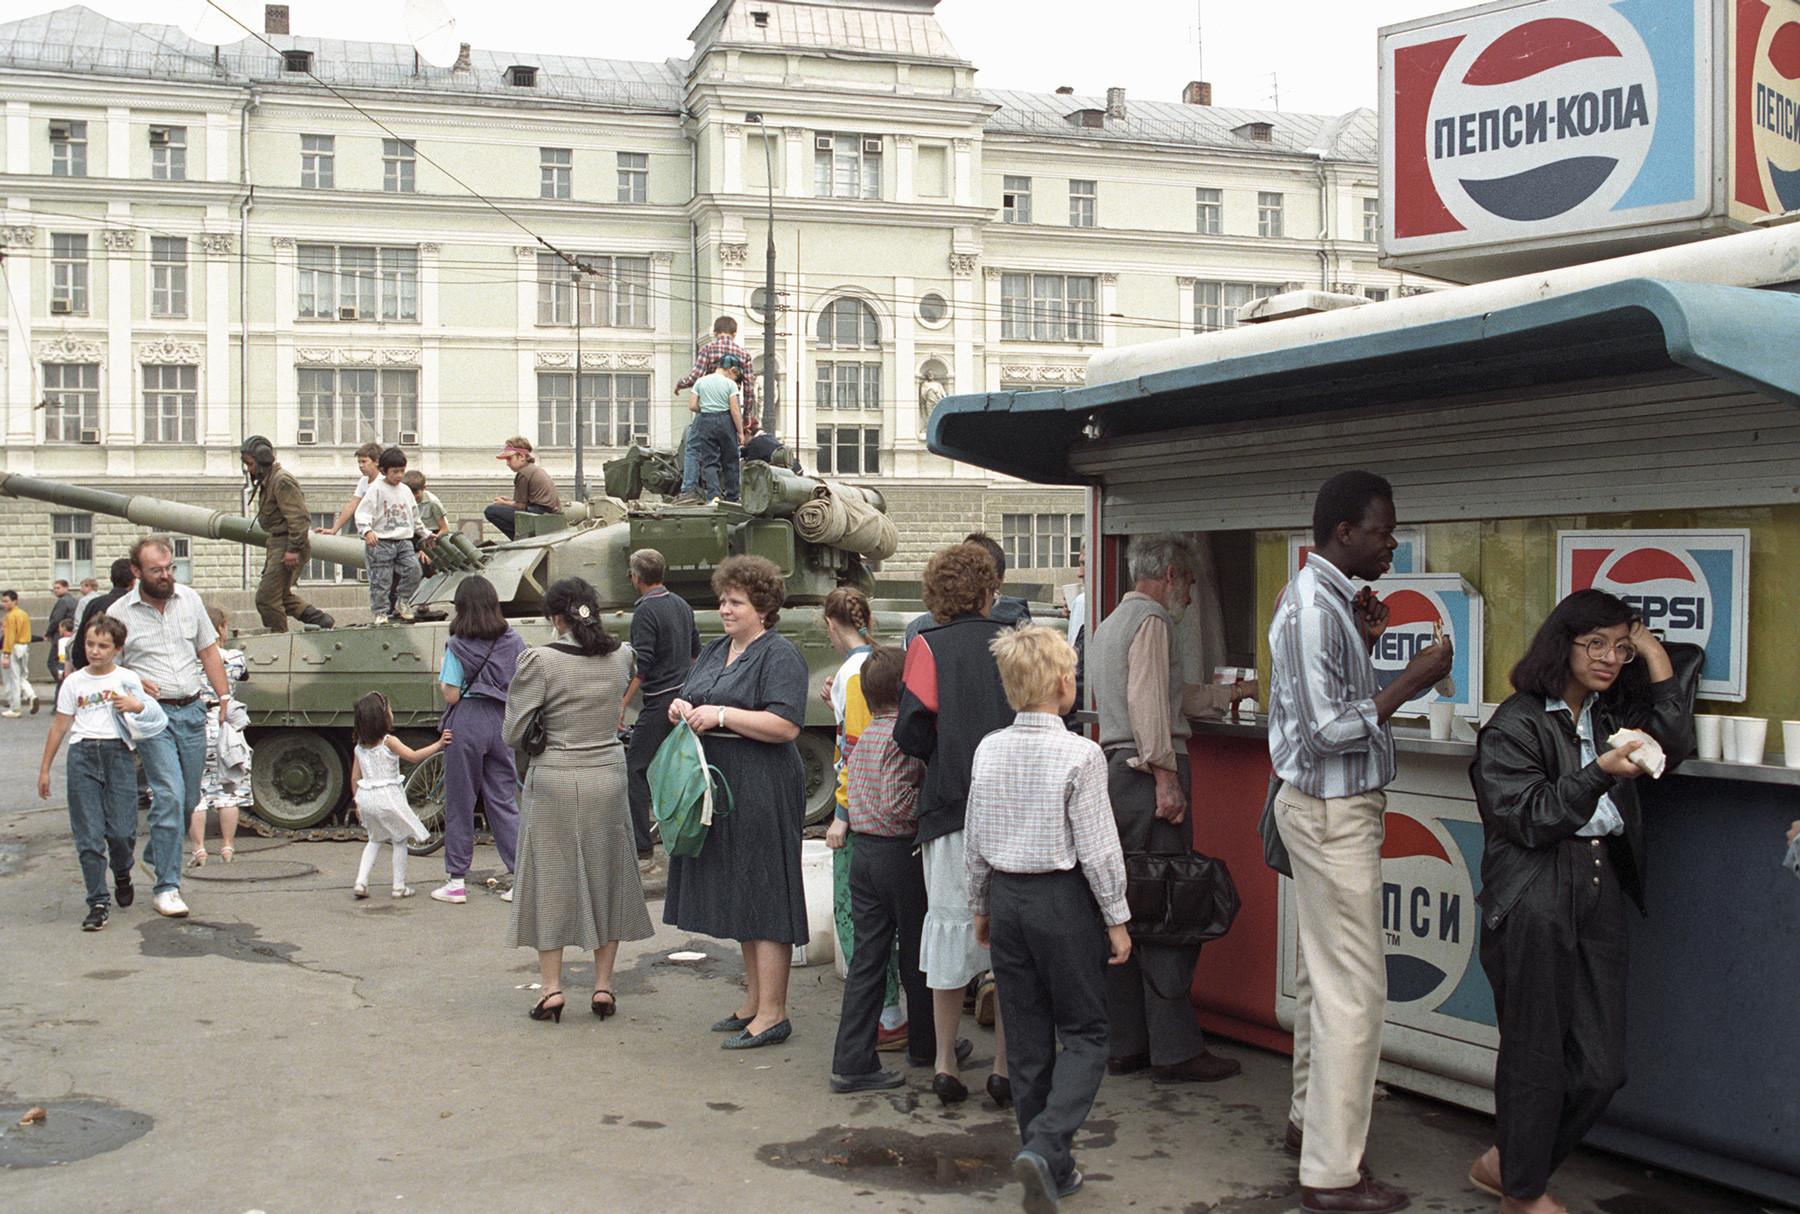 Un char dans les rues de Moscou pendant le putsch d'août 1991.